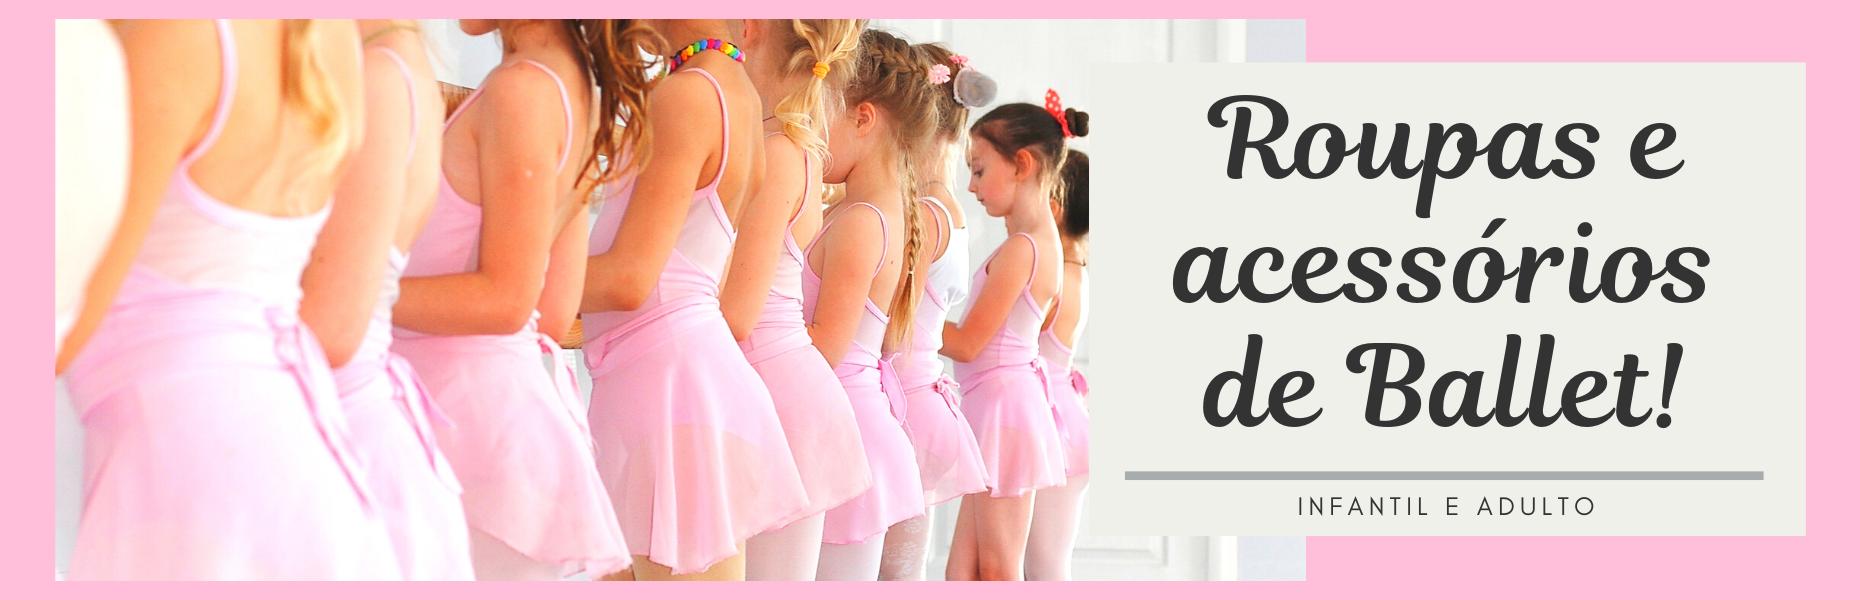 Roupas e acessórios para Ballet - Festas e Fantasias